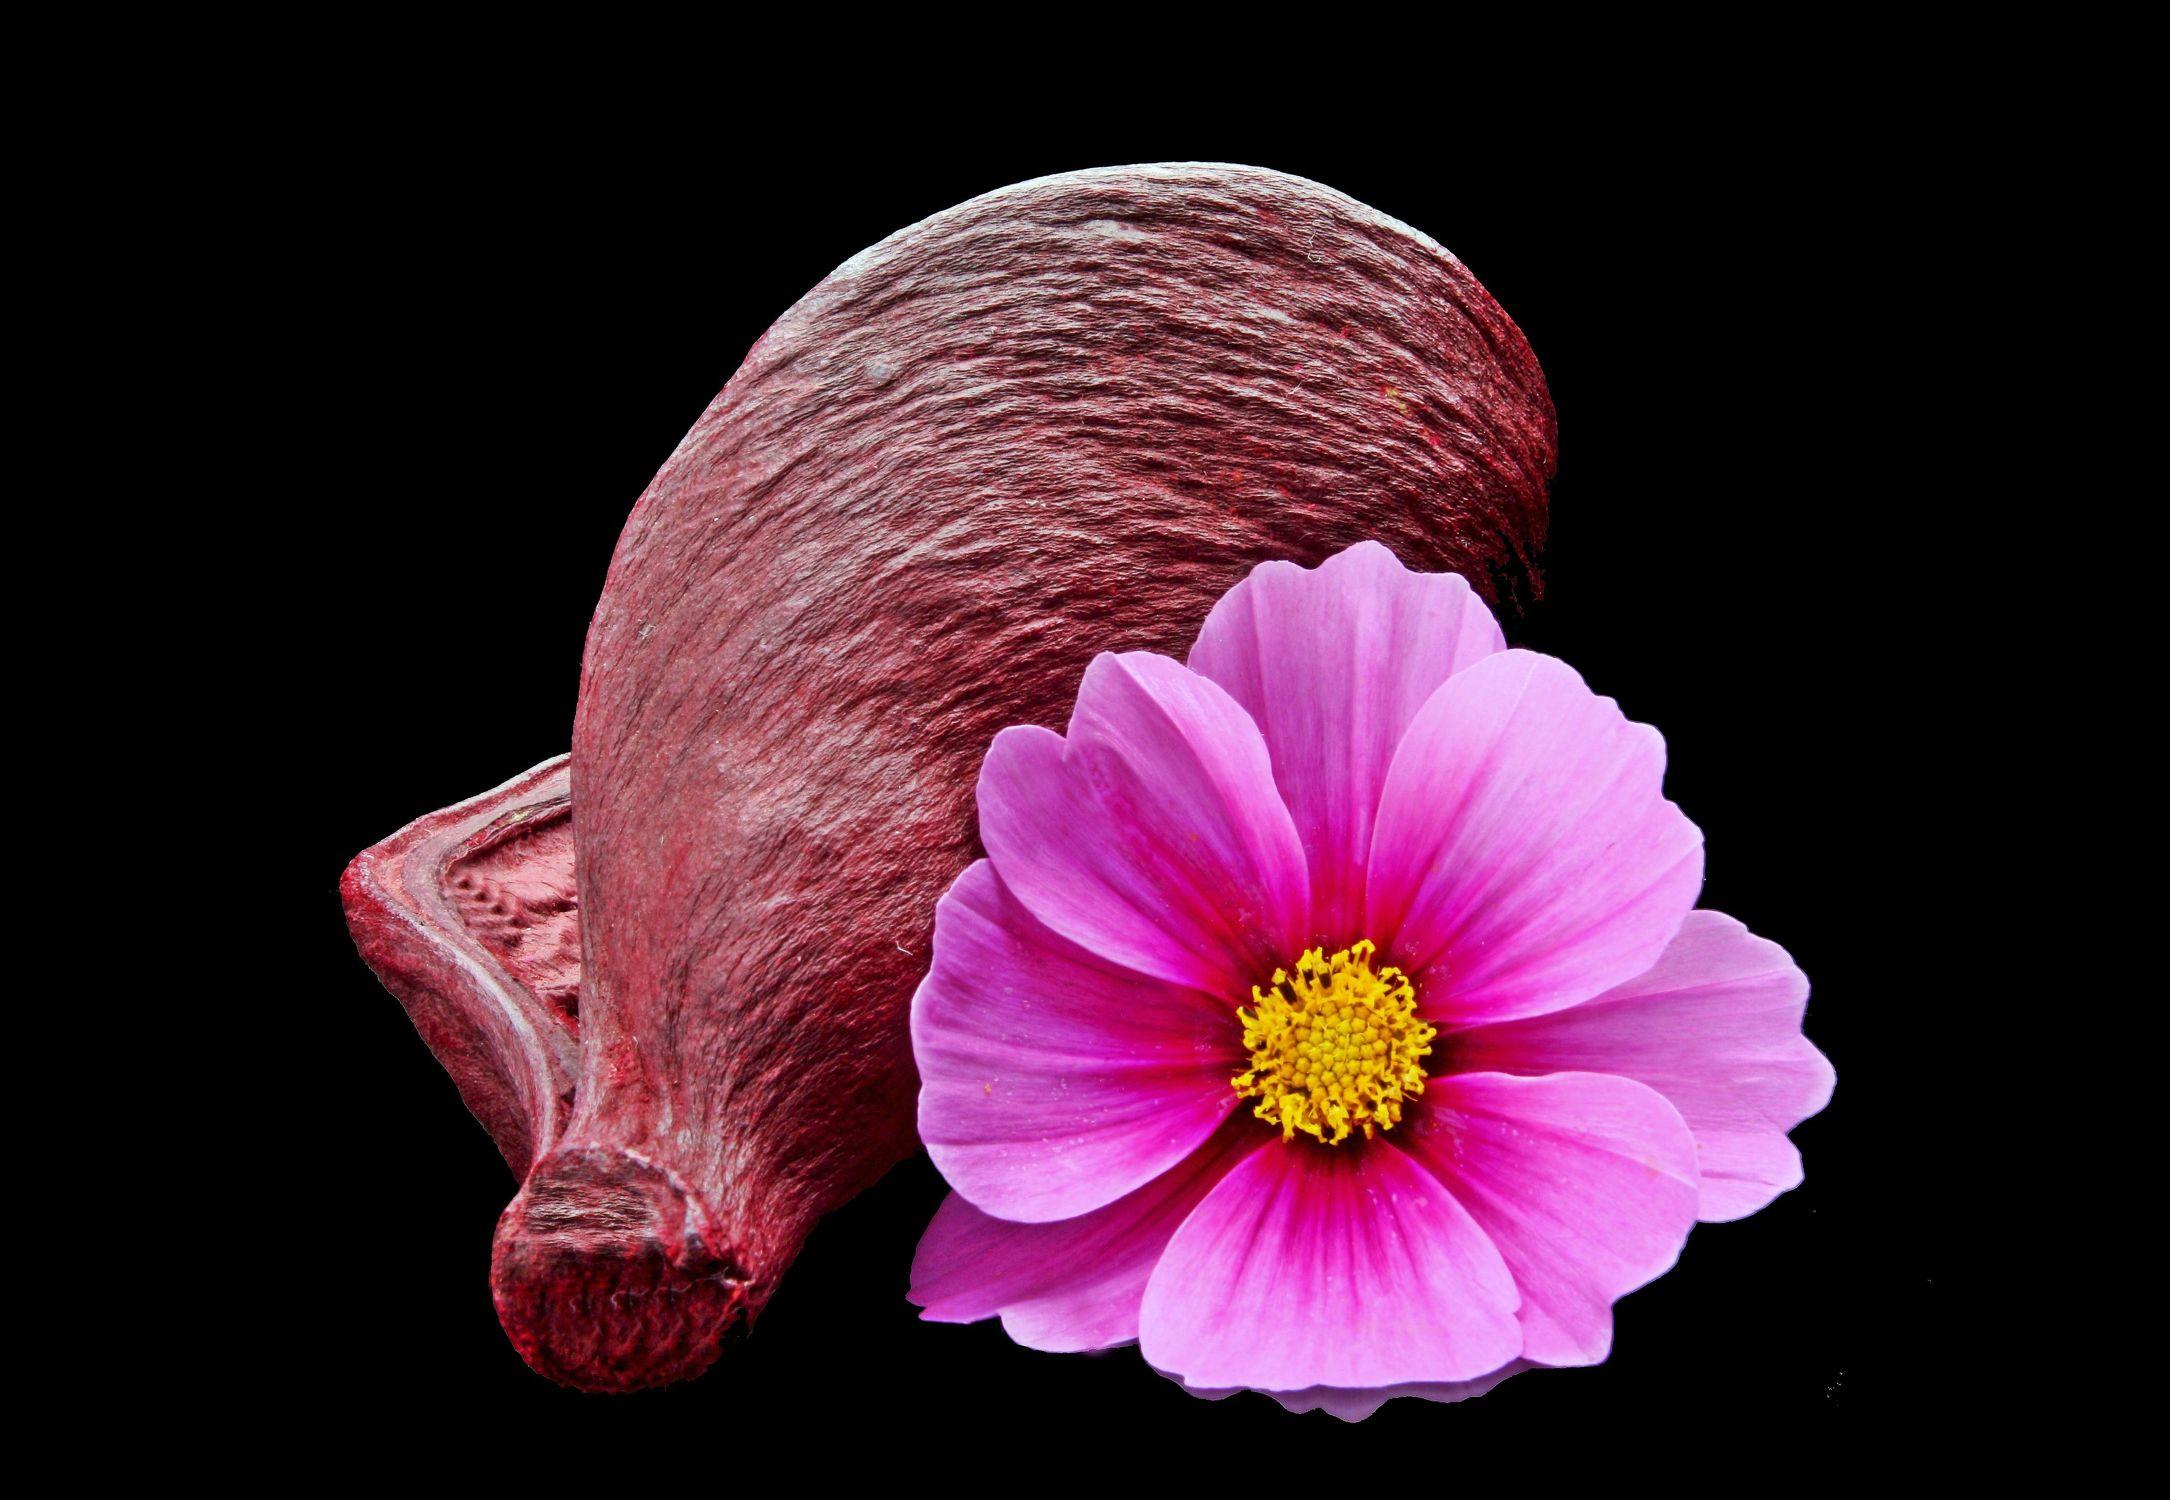 Bild mit Pflanzen, Blumen, Blume, Pflanze, Muschel, Floral, Stilleben, cosmea, Blüten, Florales, blüte